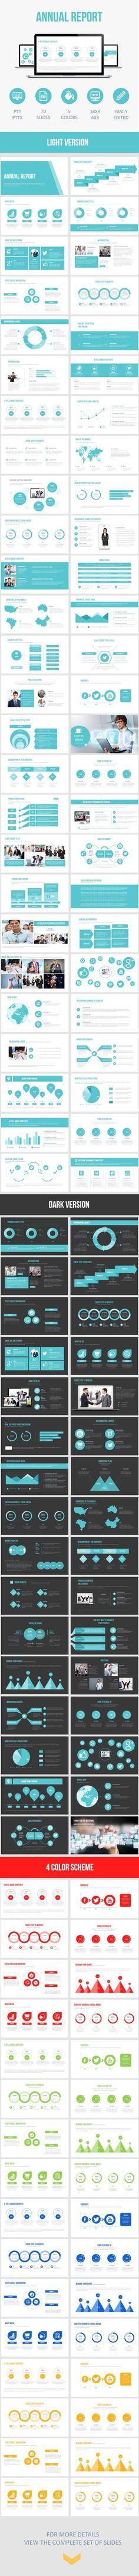 이번 주에 가장 인기 있었던 8개의 디자인 관련 핀(2)